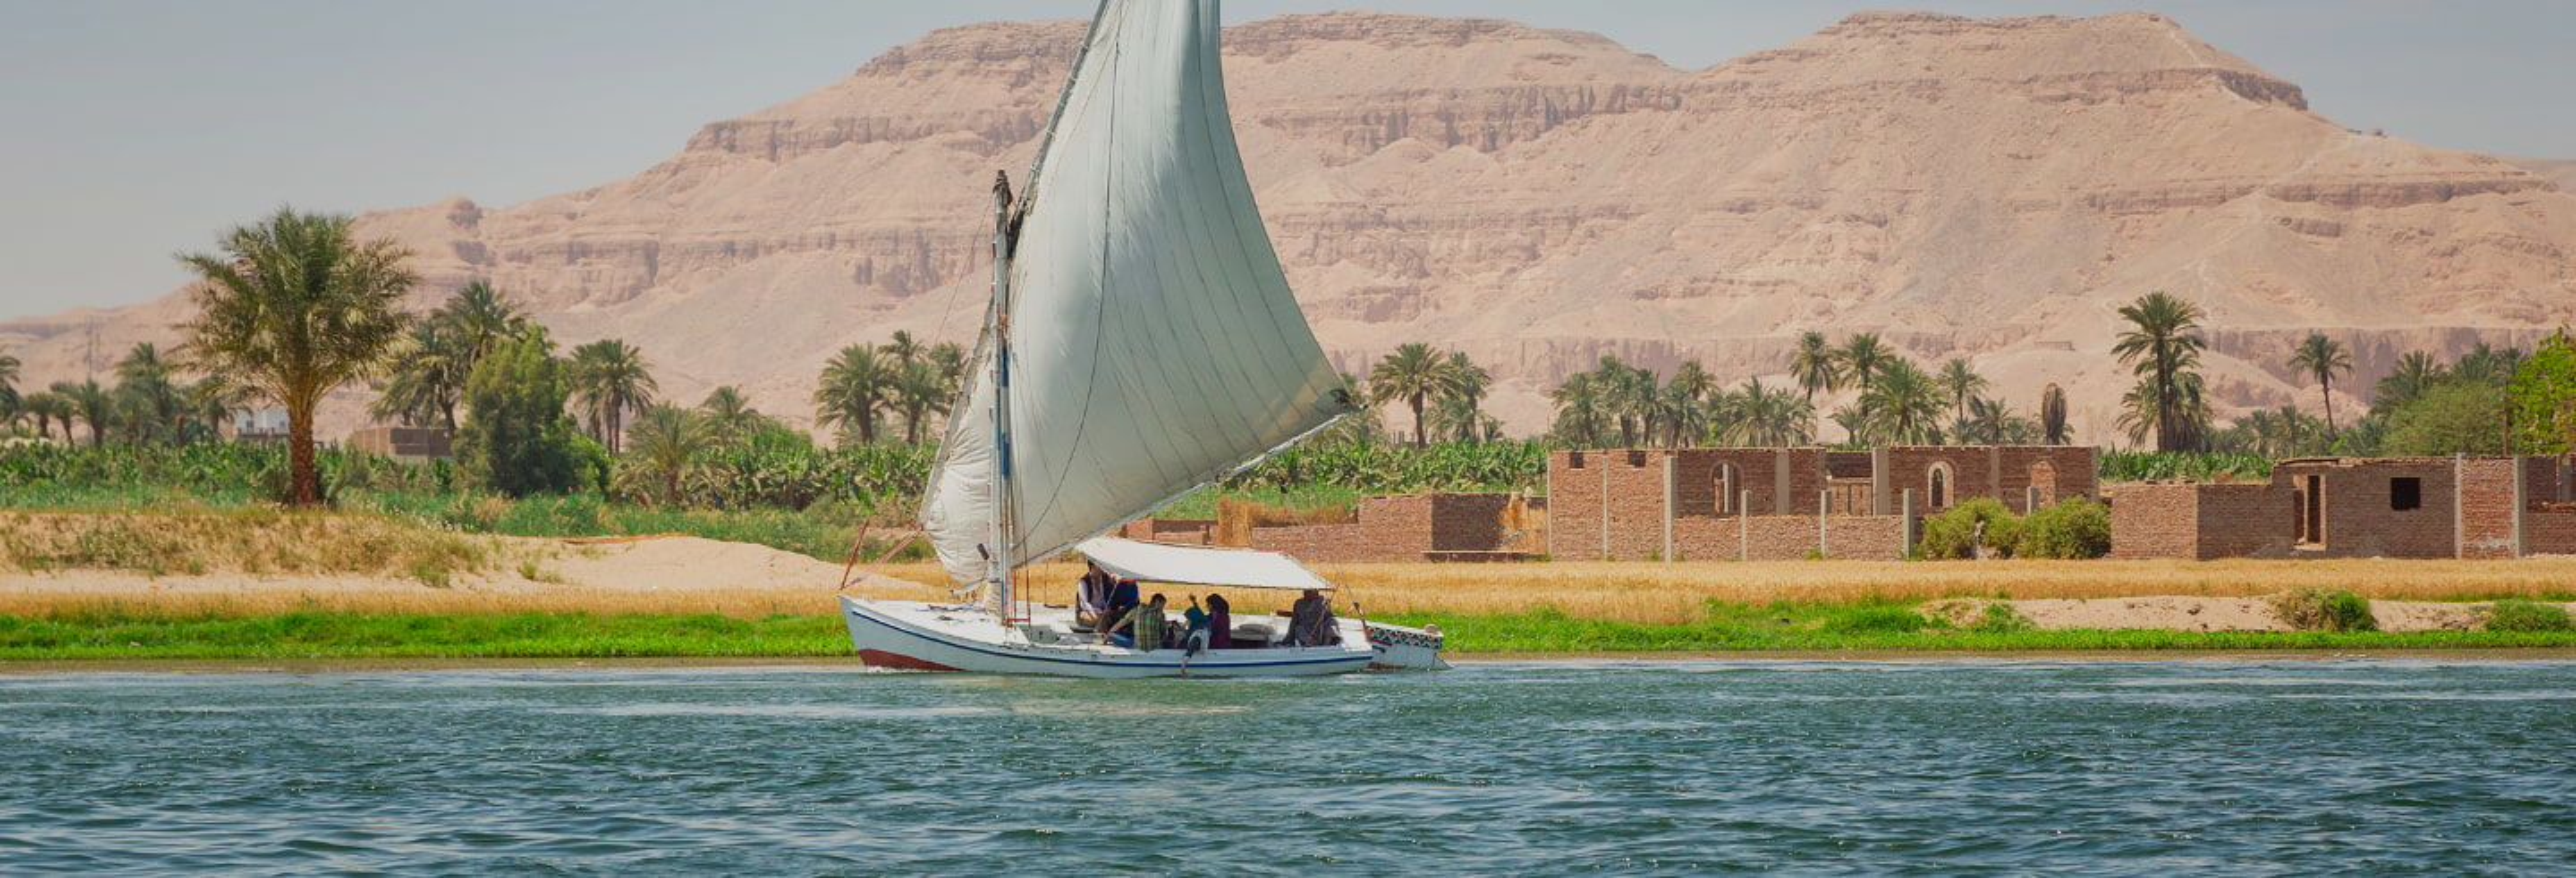 Balade en bateau sur le Nil